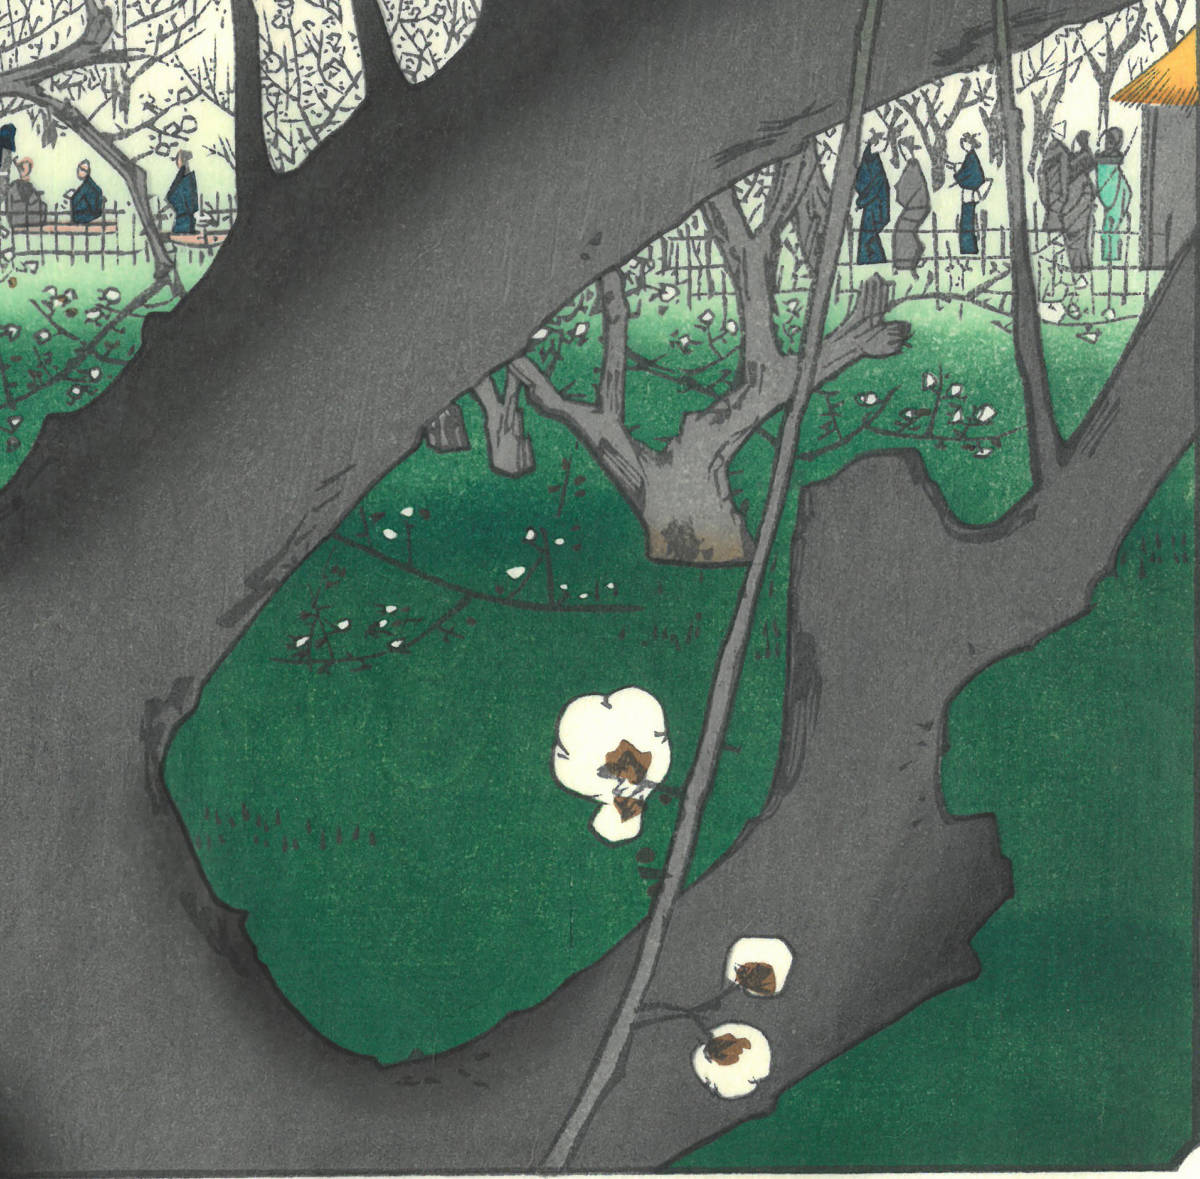 歌川広重 (Utagawa Hiroshige) 木版画 江戸百景 #30. 亀戸梅屋舗 初版1856-58年頃 広重の木版画の真の素晴らしさをご堪能下さい!_画像10